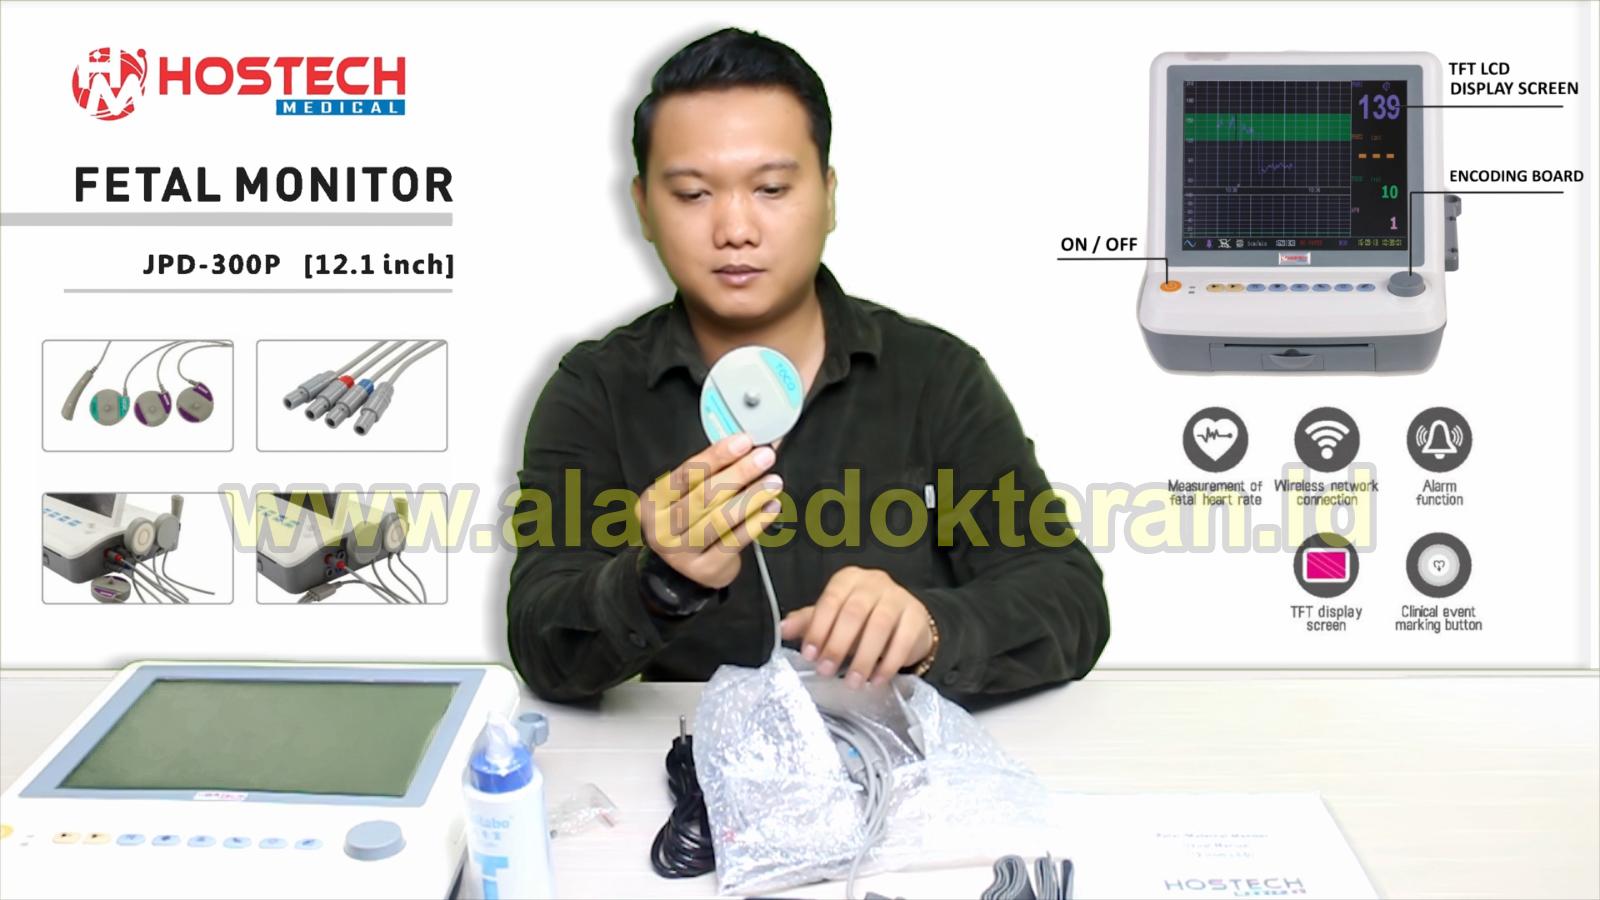 cara menggunakan fetal monitor jpd 300 hostech